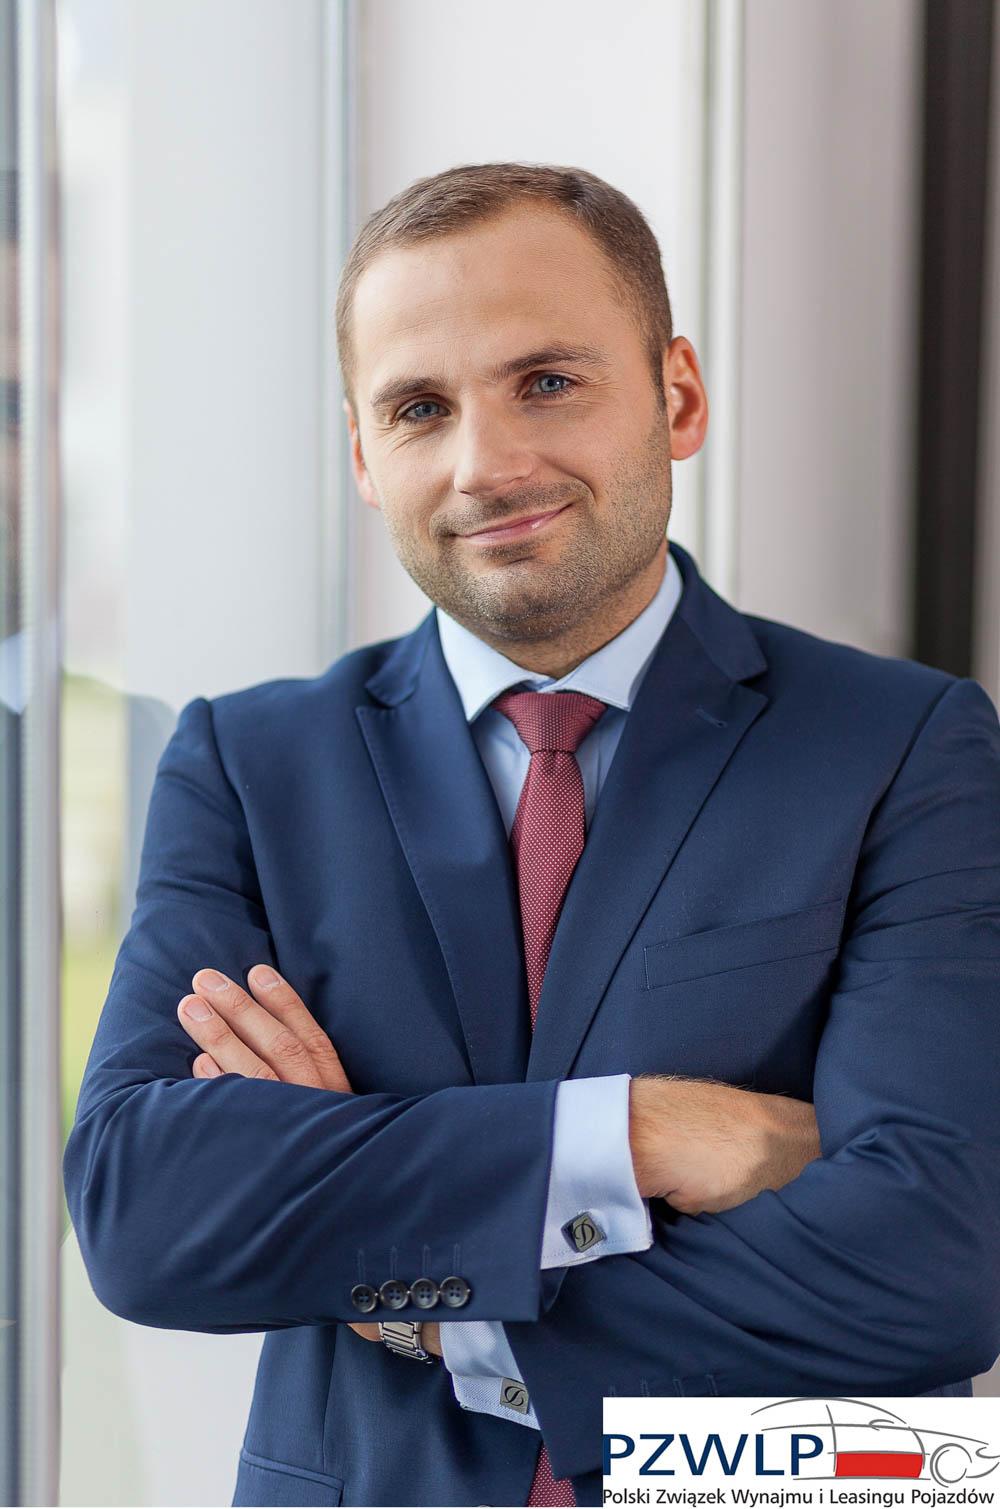 Daniel Trzaskowski, dyrektor sprzedaży flotowej Volkswagen Leasing, członek zarządu PZWLP